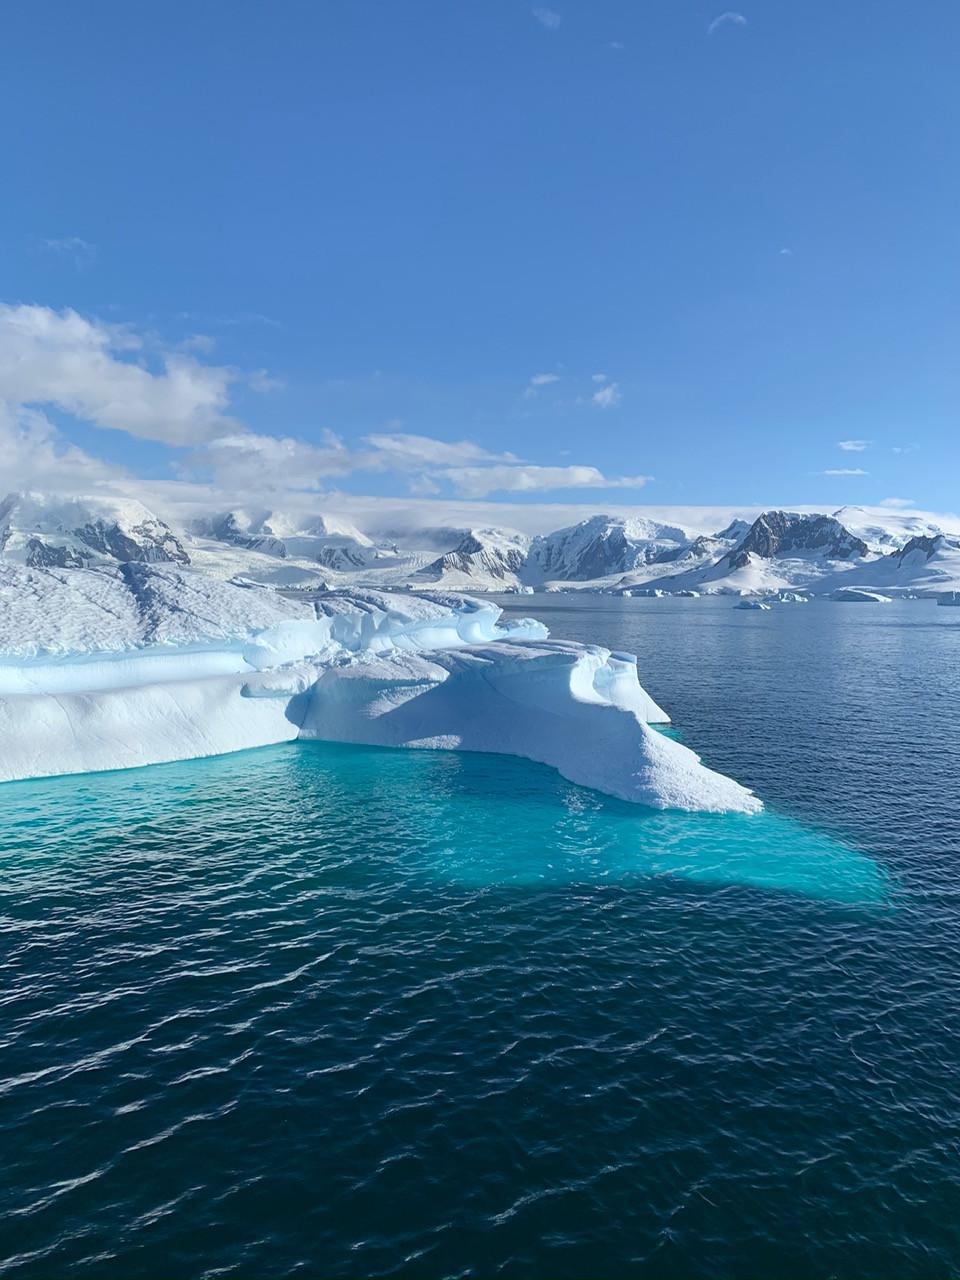 Buenos Aires, Antarctique et Chili, ce jeudi, 22 avril de 10 à 11 hrs, à l'émission Ici et Ailleurs